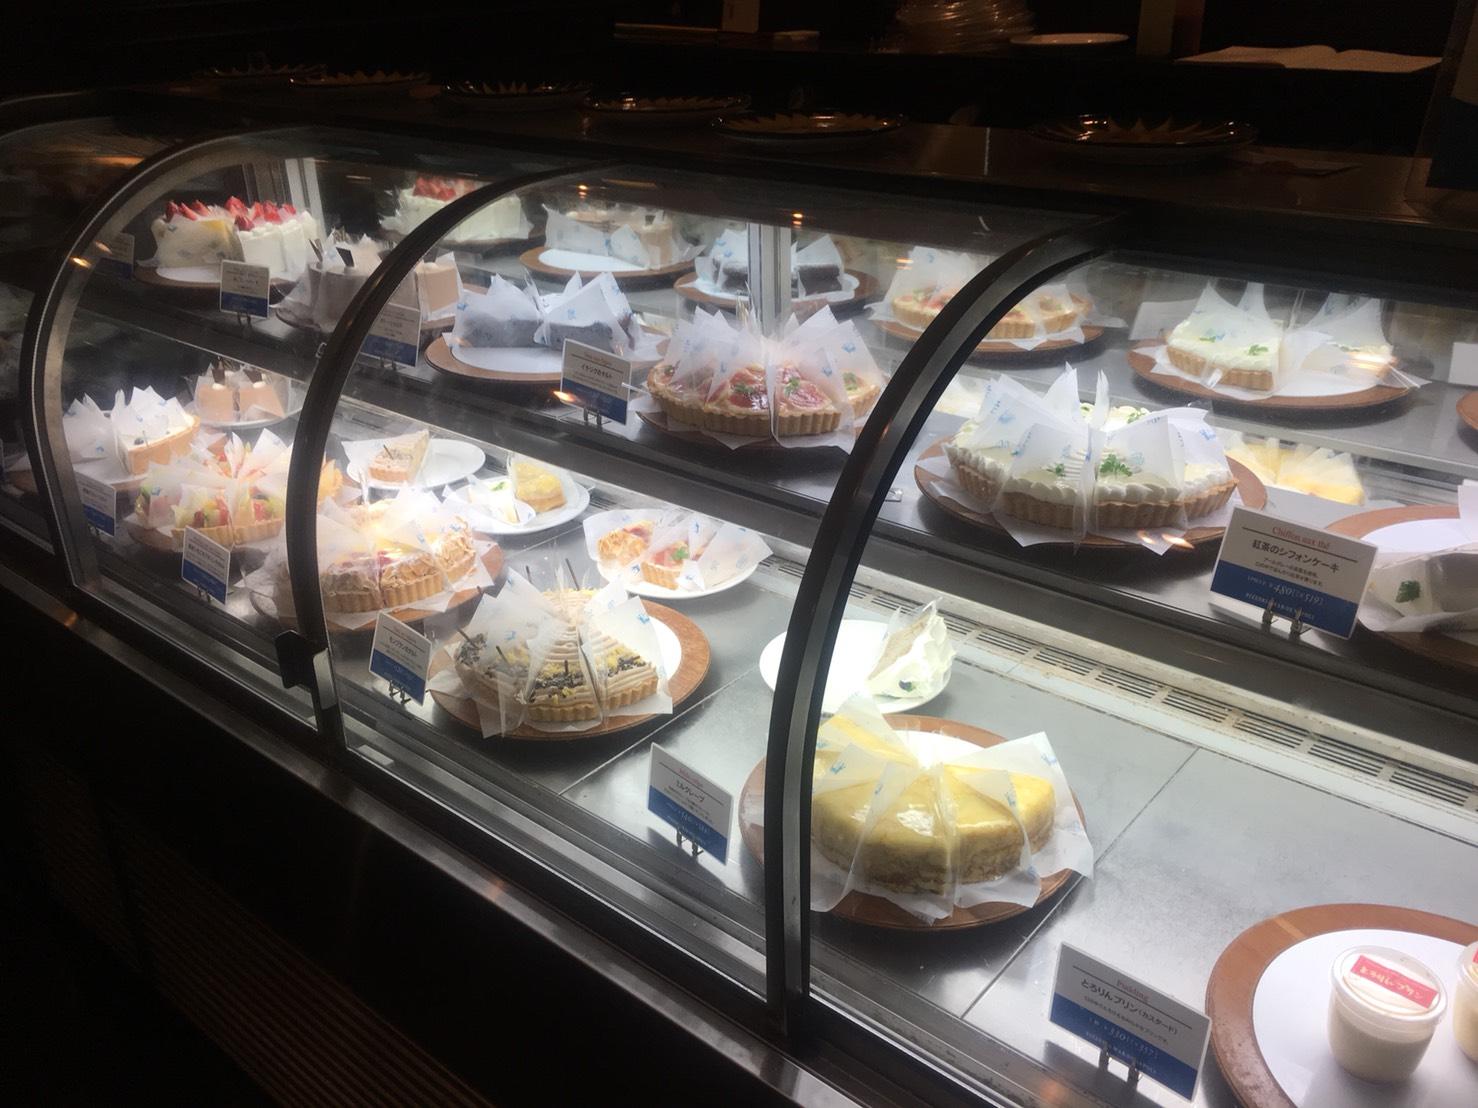 【後楽園駅】本格薪窯ナポリピザとパスタ「マルデナポリ ラクーア店」のスイーツショウケース